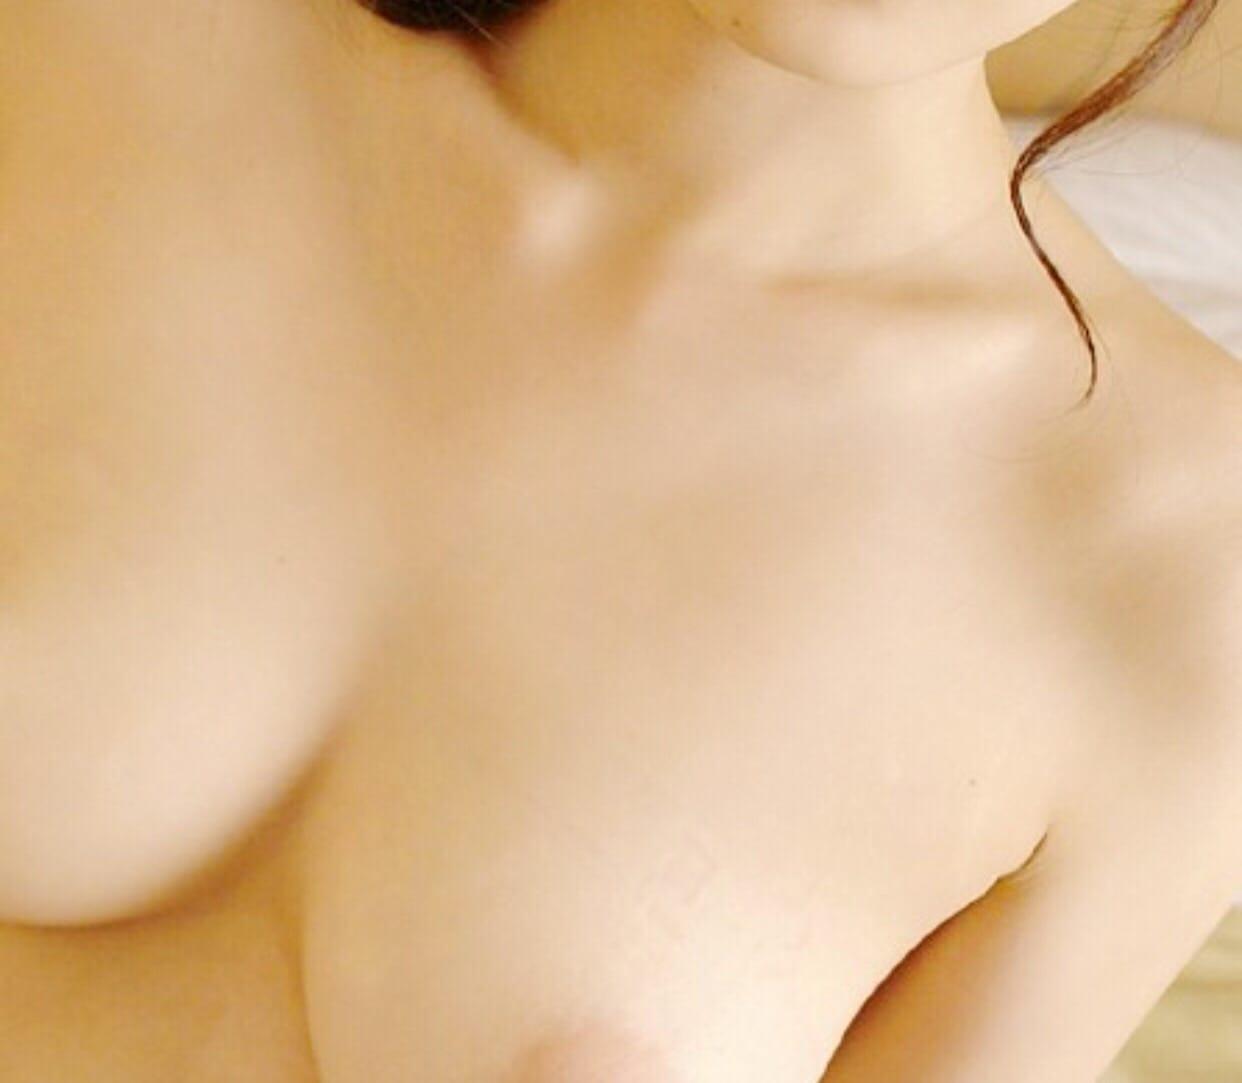 「おでんわまってます❤️」03/26(03/26) 01:40 | マリアの写メ・風俗動画